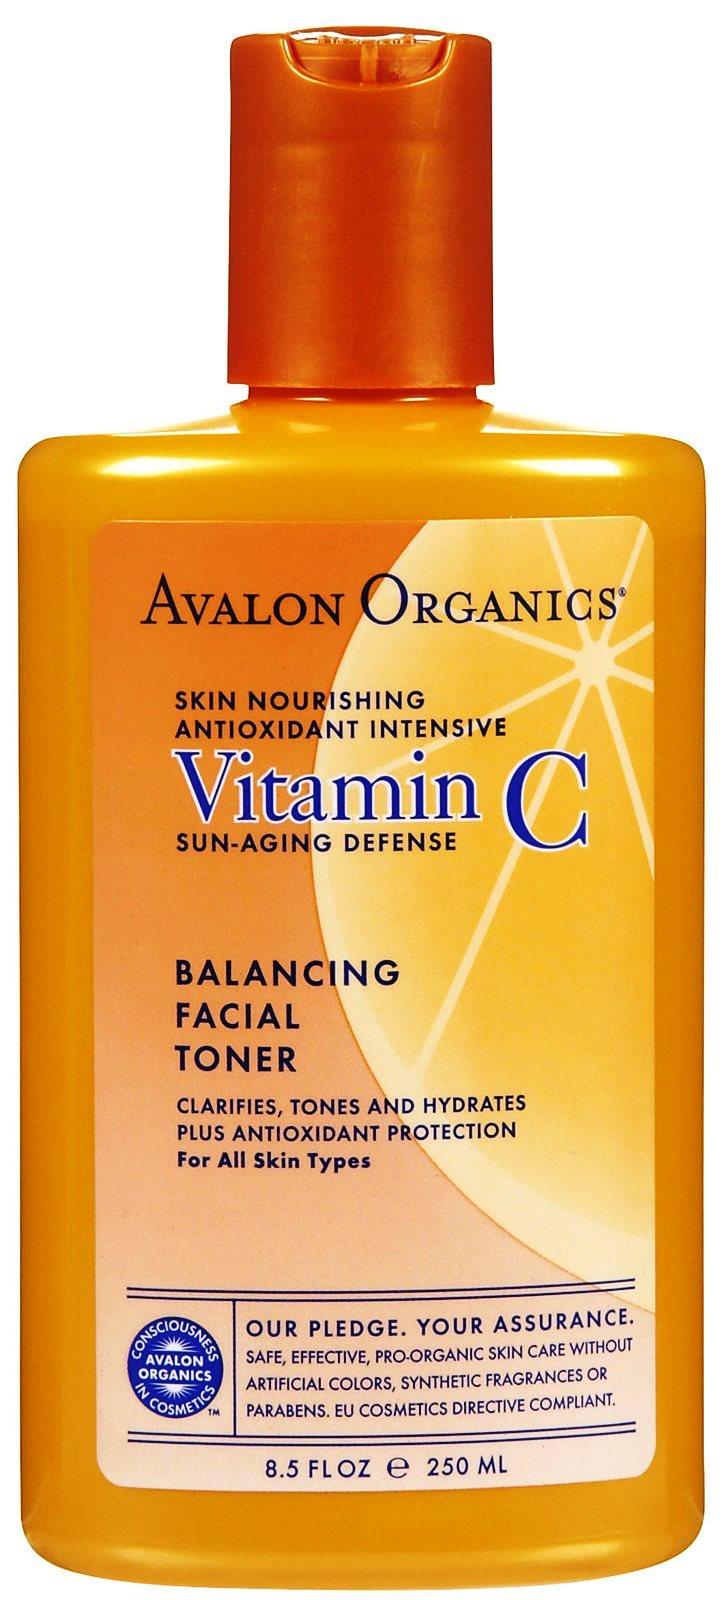 ลด 30 % AVALON ORGANICS :: Vitamin C Balancing Facial Toner ทำความสะอาด ปรับโทนผิว ให้ความชุ่มชื้น สำหรับทุกสภาพผิว